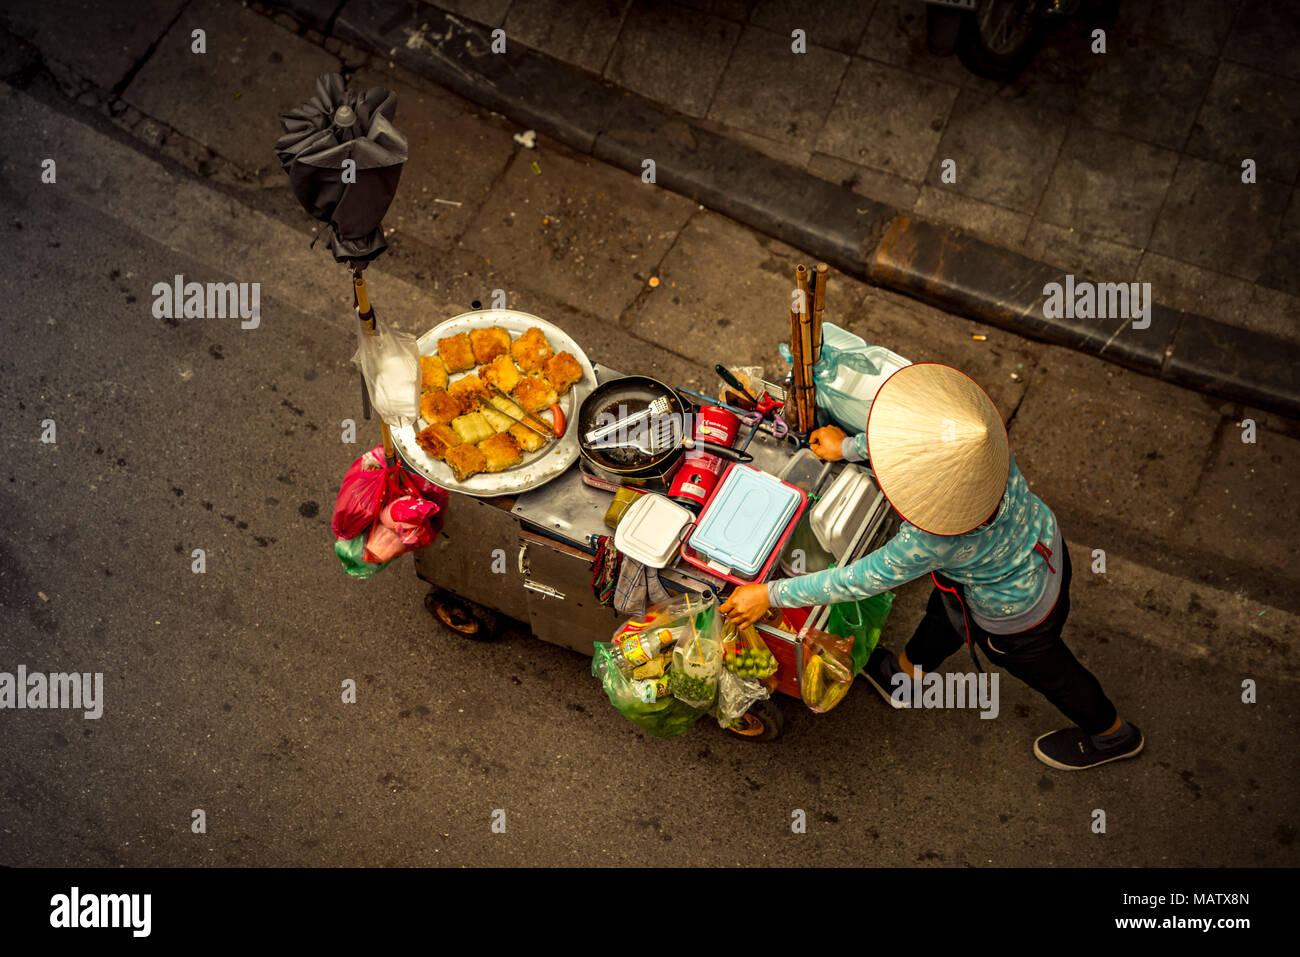 Asien, Vietnam, Hanoi, Fondue, Garküche, Verkehr, Transport, Transportmittel Stockbild